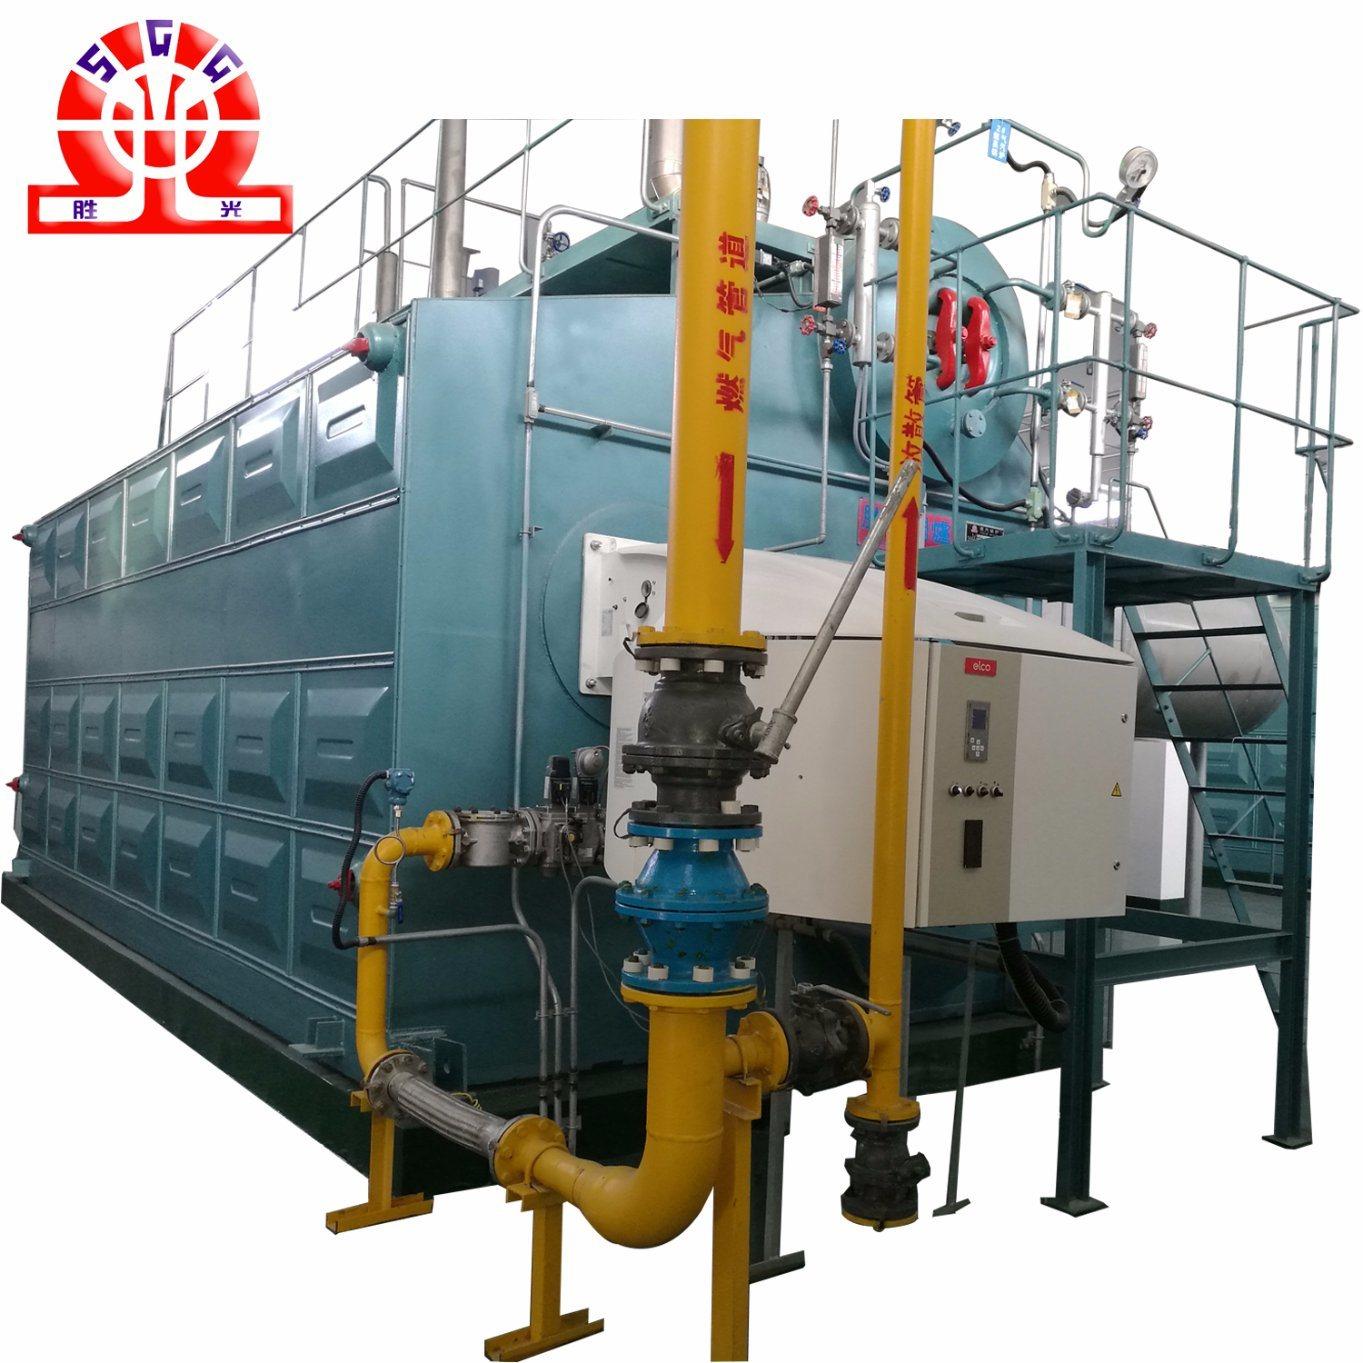 China Best Er Oil Fired Steam Boiler Quality